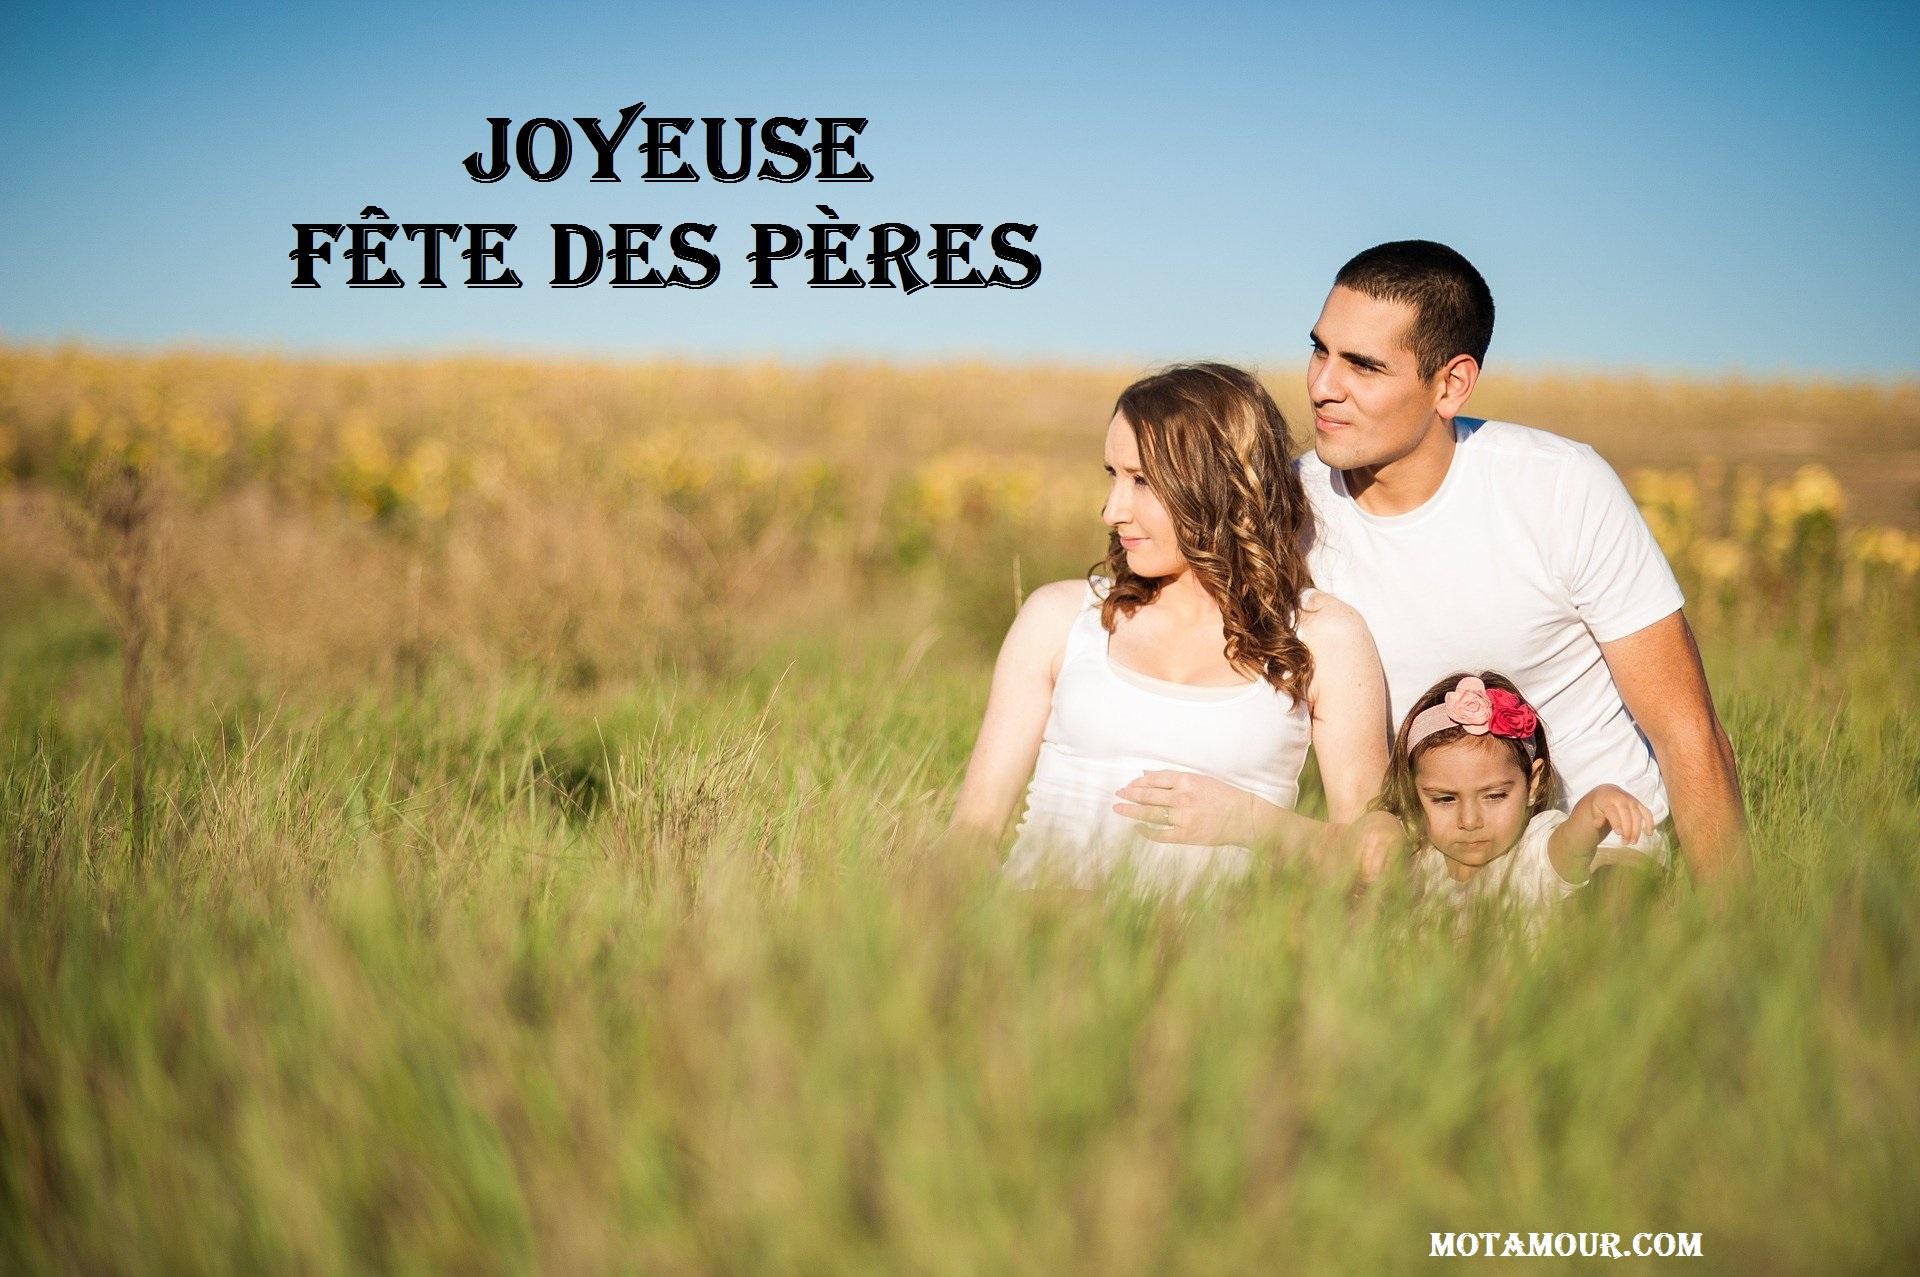 Messages Joyeuse fête des Pères citations et images 2021 pour Papa